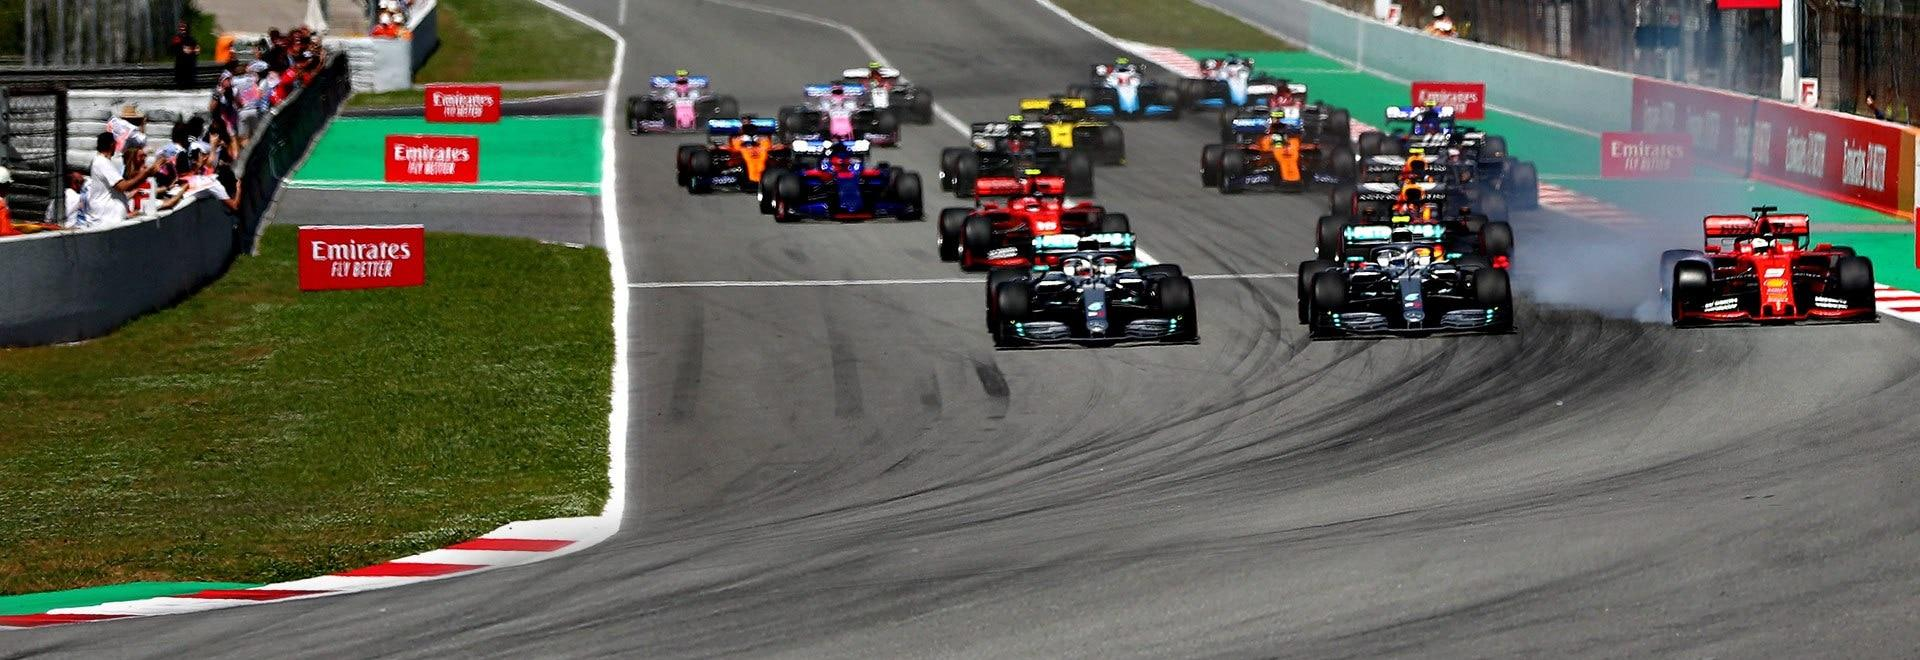 Test F1 2020